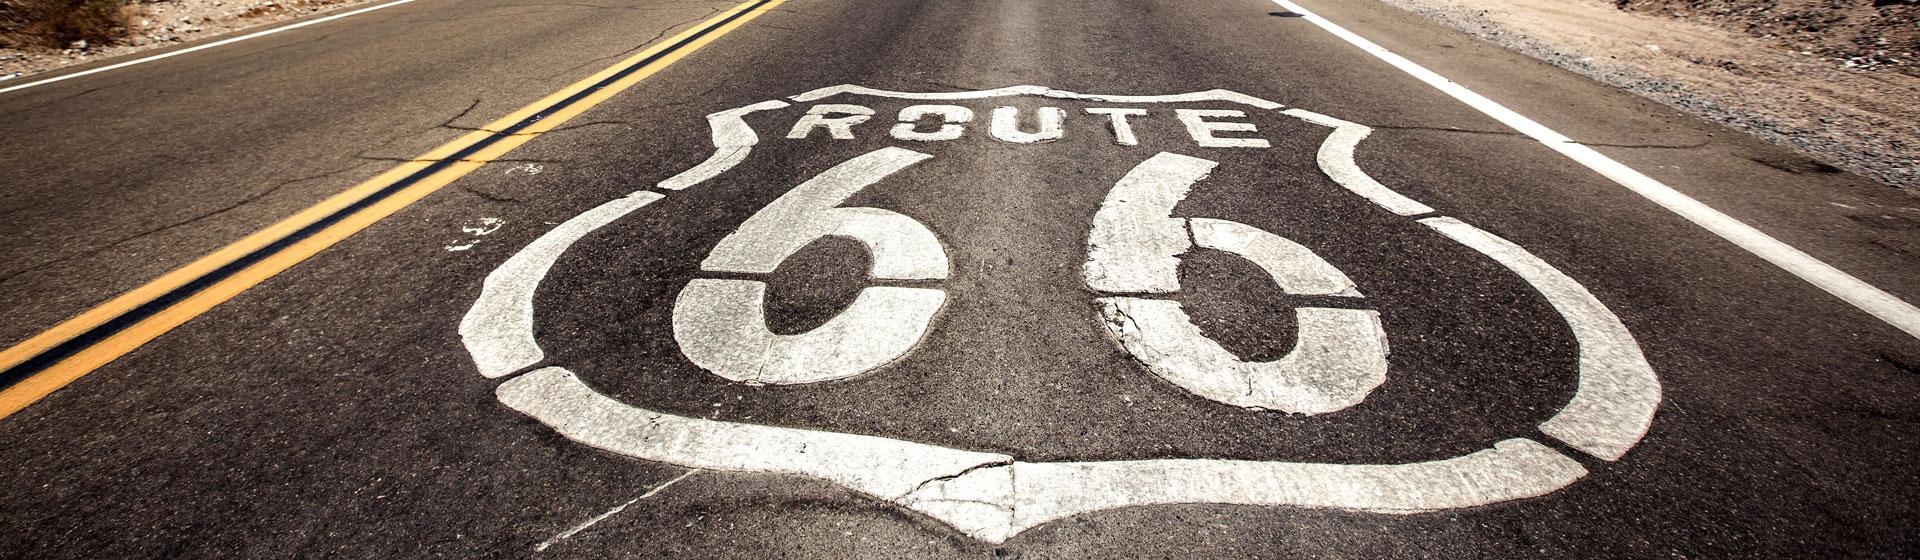 Asfaltsväg med Route 66 skrivet på vägen.